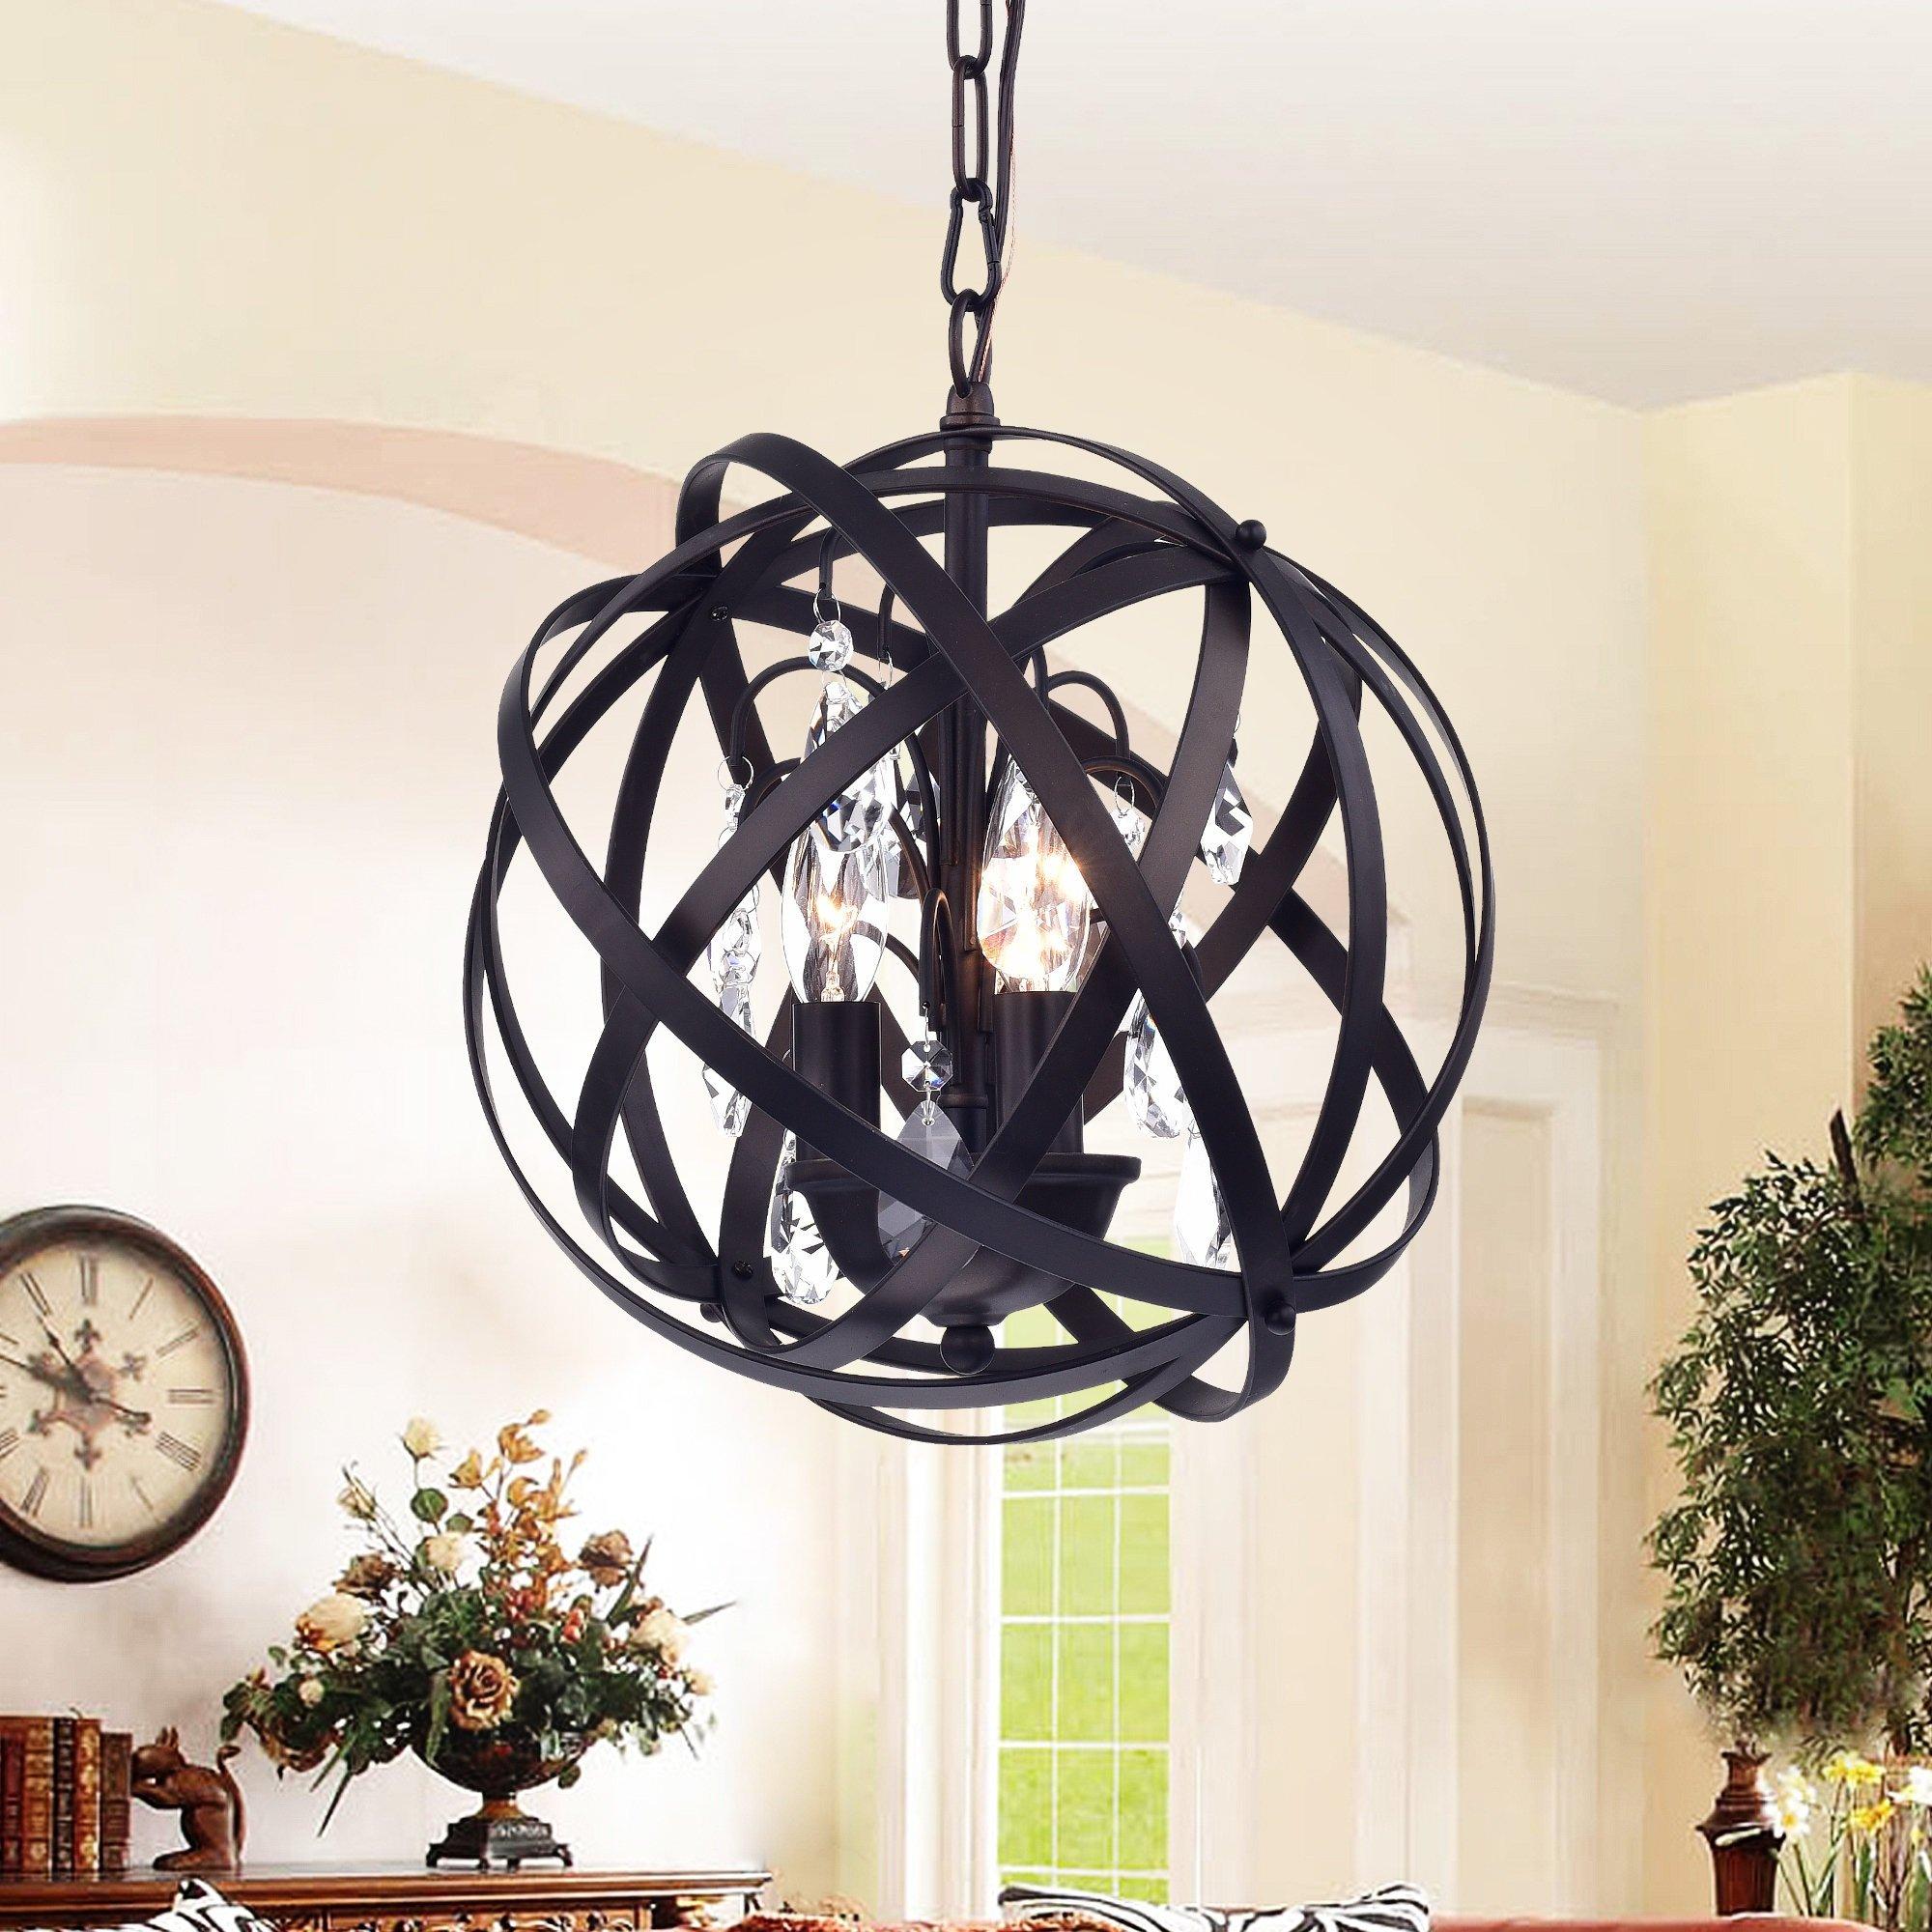 Deadra 3 Light Globe Pendant Intended For Adcock 3 Light Single Globe Pendants (View 16 of 30)